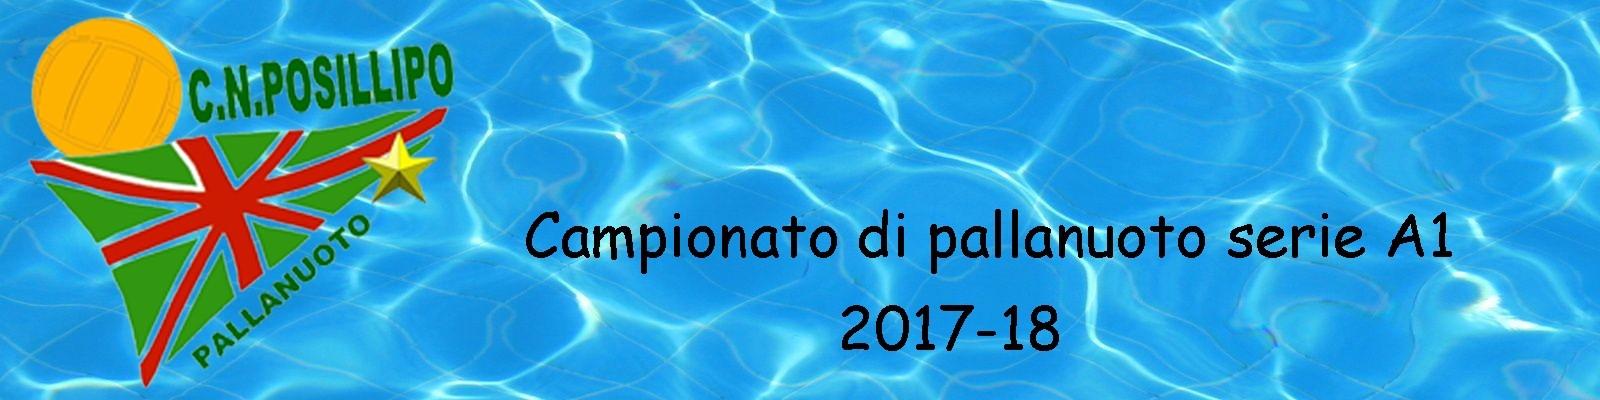 Posillipo anno 2017-18